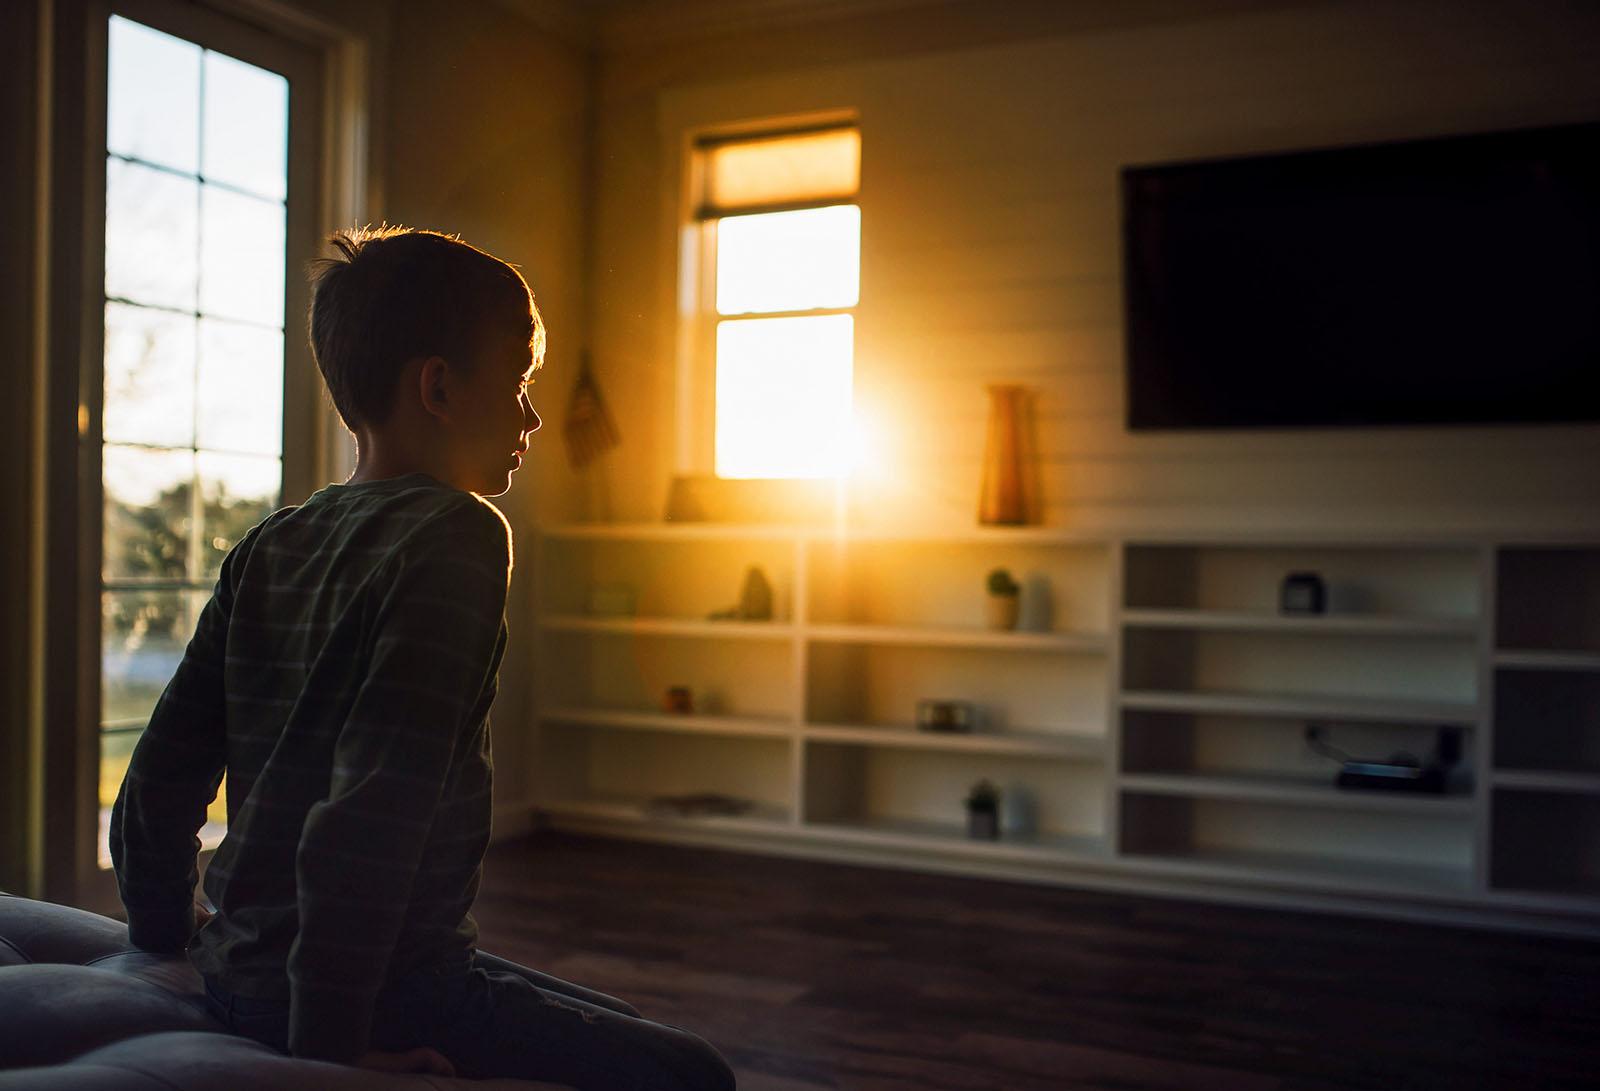 Golden sun flare through the window illuminates boy